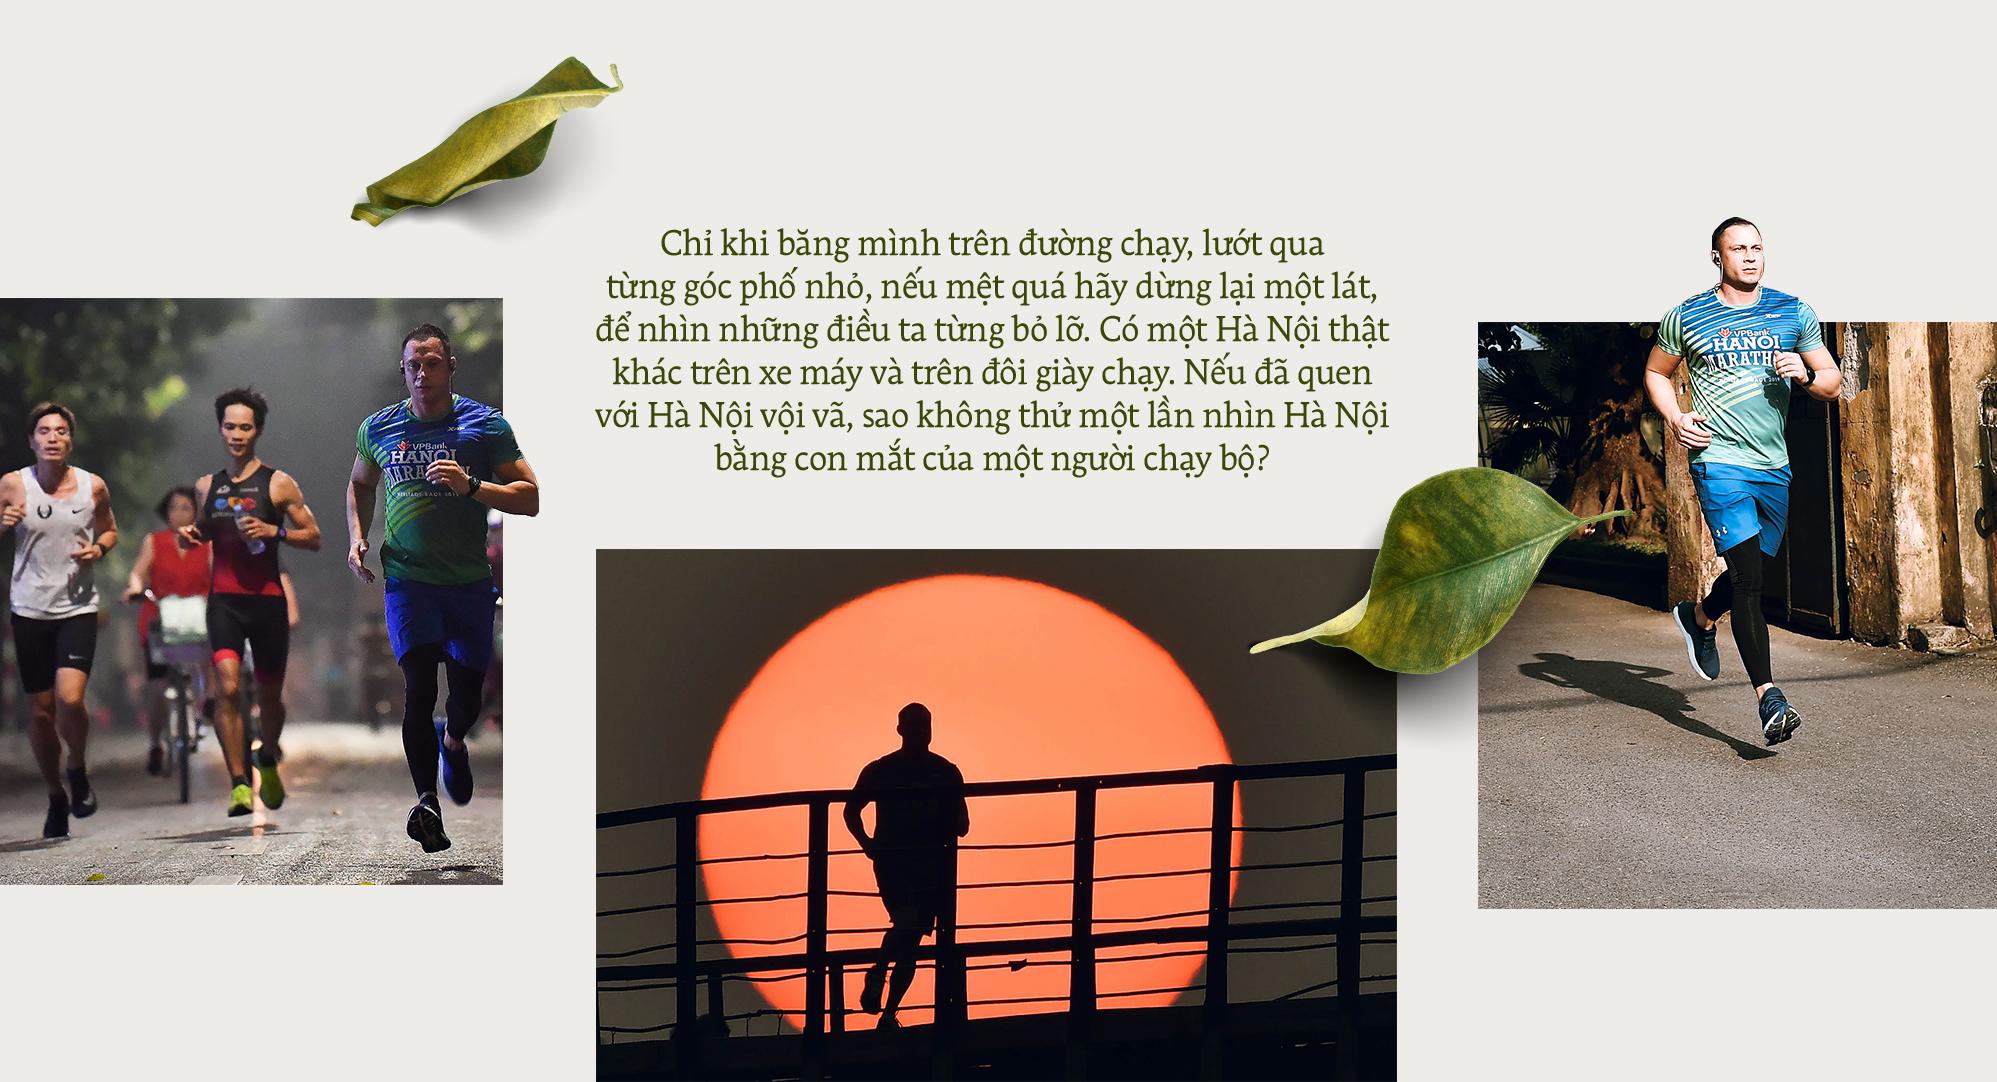 Có một Hà Nội đẹp nao lòng khi cơn gió heo may chạm ngõ mùa thu - Ảnh 7.